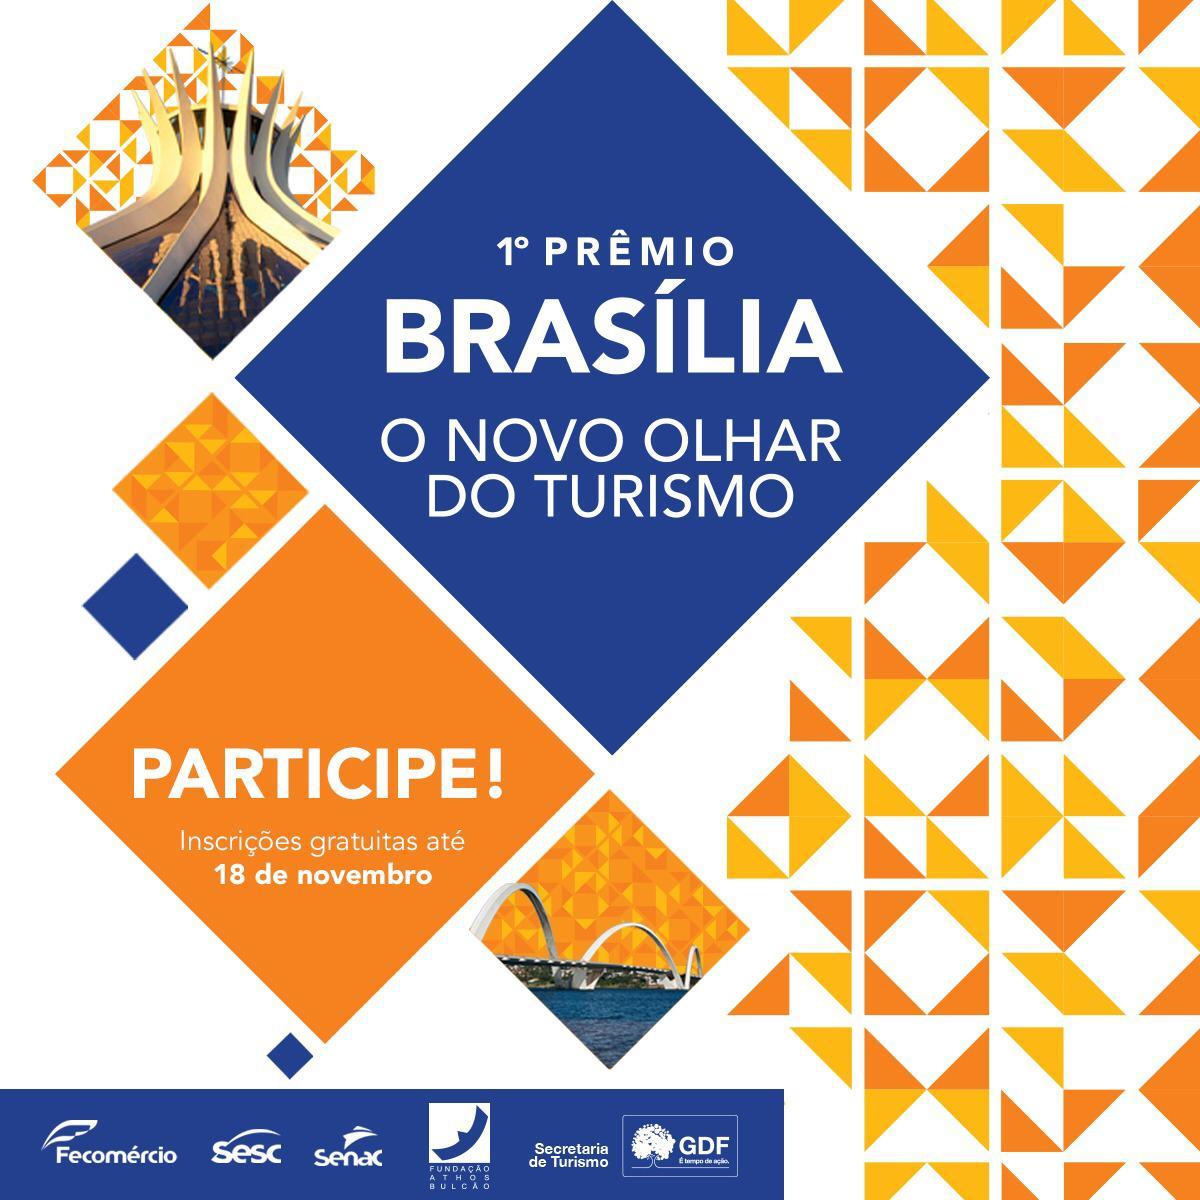 Inscrições para o Prêmio Brasília: O Novo Olhar do Turismo seguem abertas até o dia 20/11